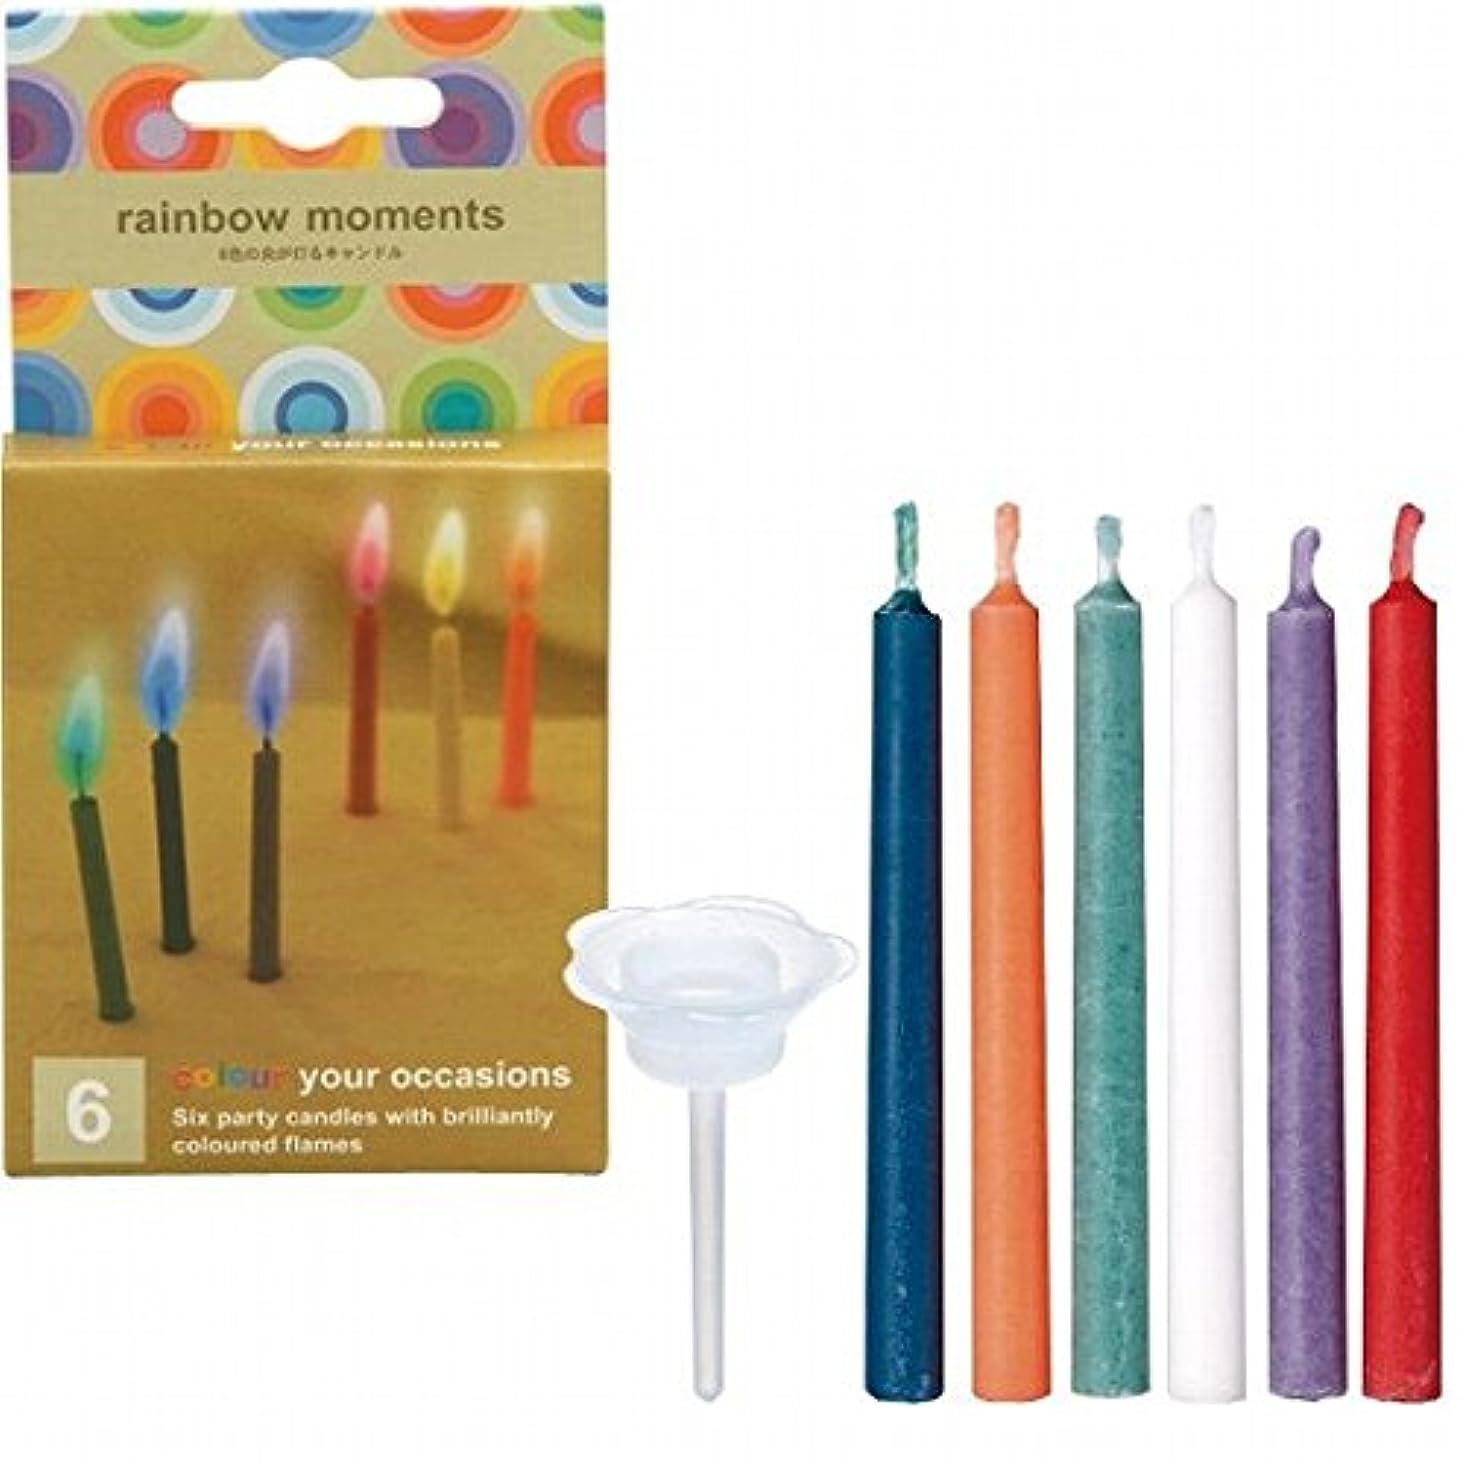 爵トンネル切手カメヤマキャンドル( kameyama candle ) rainbowmoments(レインボーモーメント)6色6本入り 「 6本入り 」 キャンドル